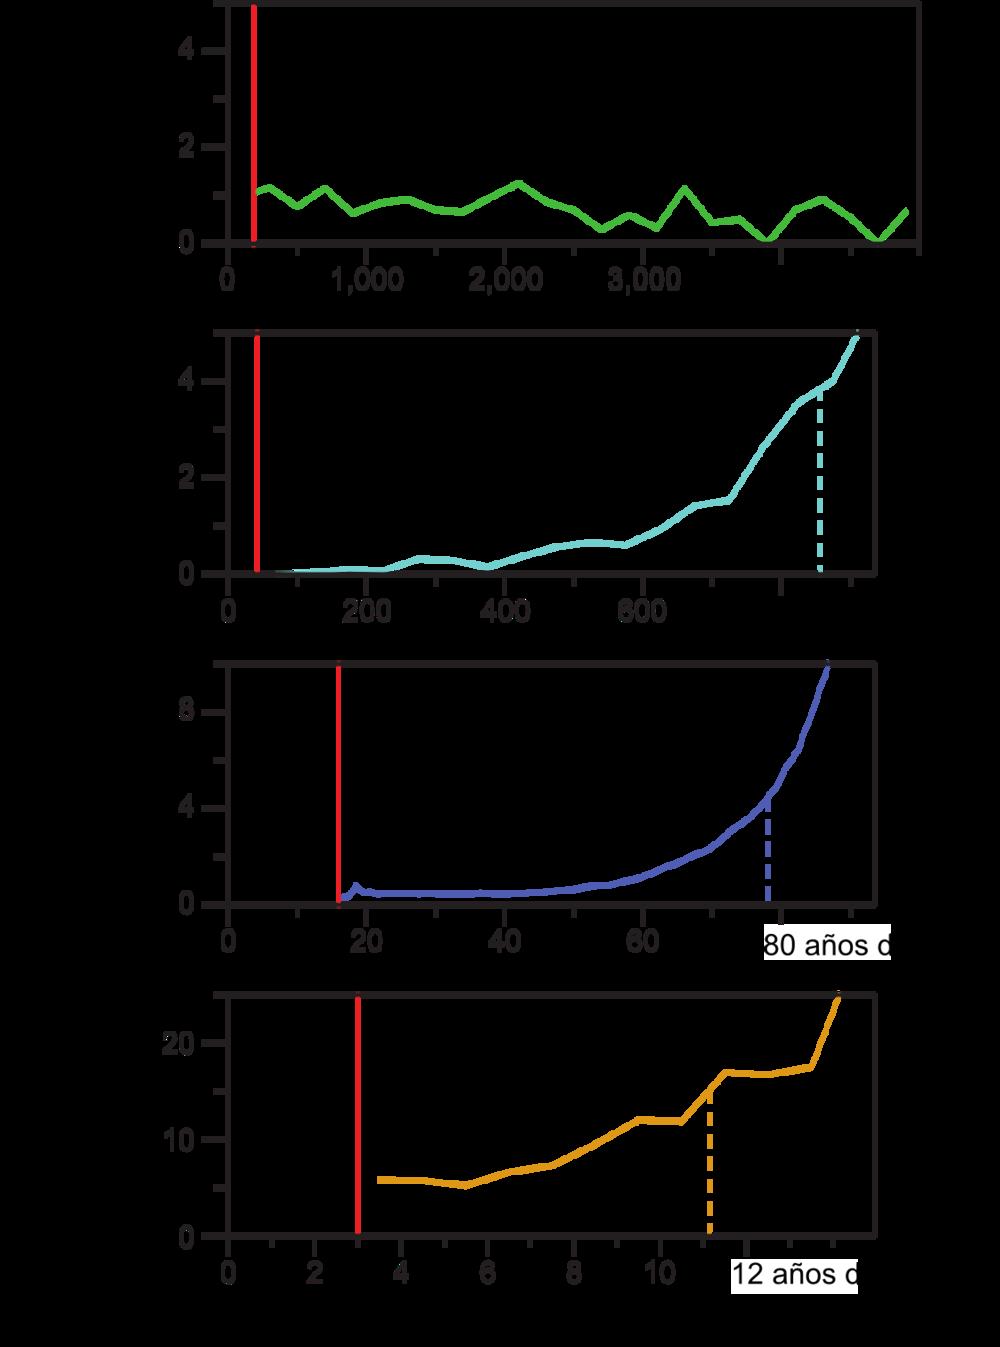 Figura 2: Variación del componente dependiente de la edad de acuerdo a la edad del organismo en ratas topo lampiñas (línea verde), ratones (línea turquesa), humanos (línea azul) y caballos (línea naranja). Las curvas comienzan a partir de la edad en la que inicia la capacidad reproductiva de cada especie. El eje X corresponde a la edad; el eje Y al componente dependiente de la edad. En paréntesis encuentra el risgo de muerte que se adquiere por cada día o año que pasa. Modificada/simplificada de  Ruby, Smith and Buffenstein, 2018 .